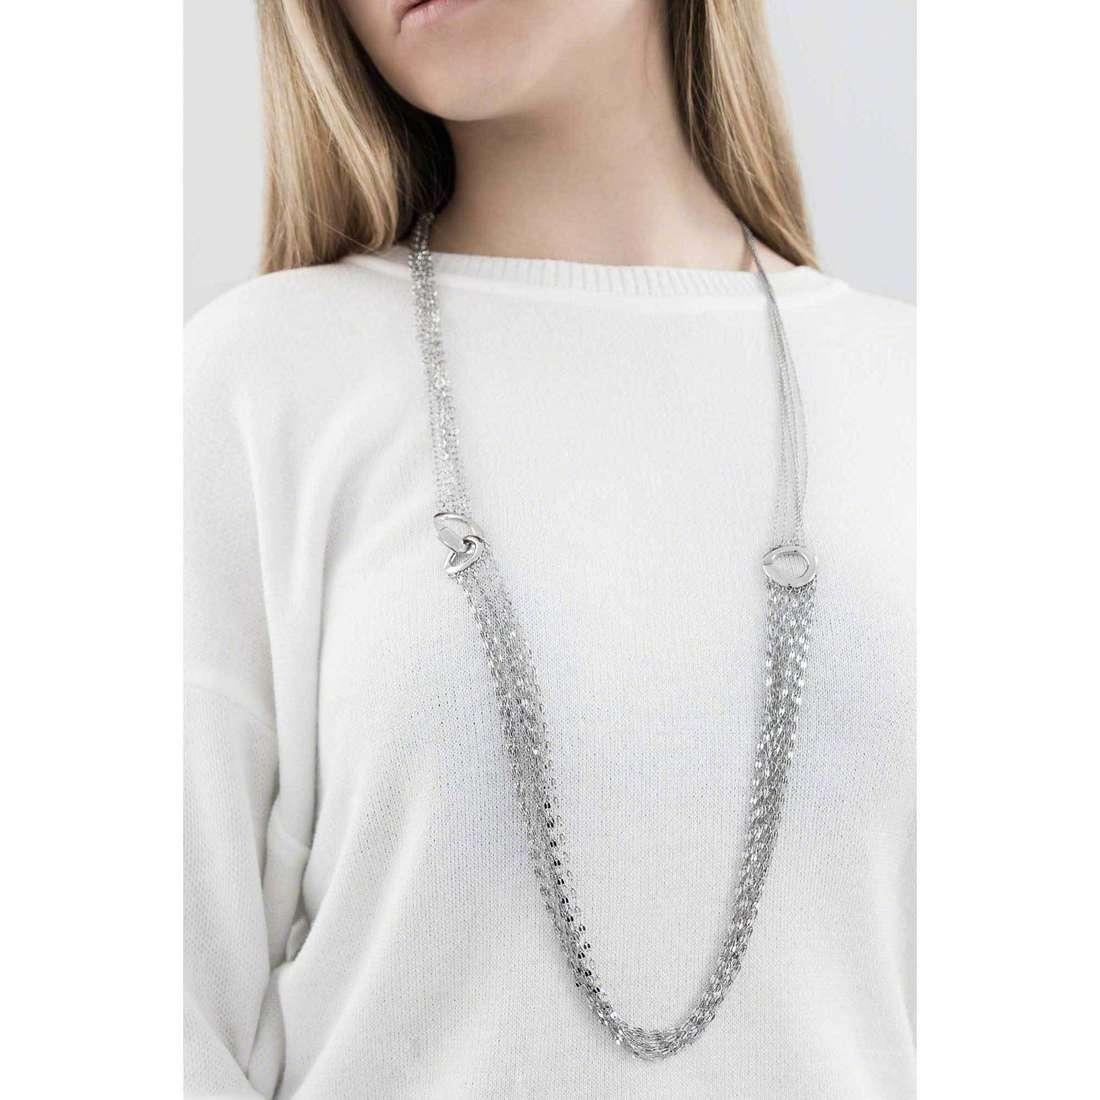 Breil colliers SkyFall femme TJ1411 indosso